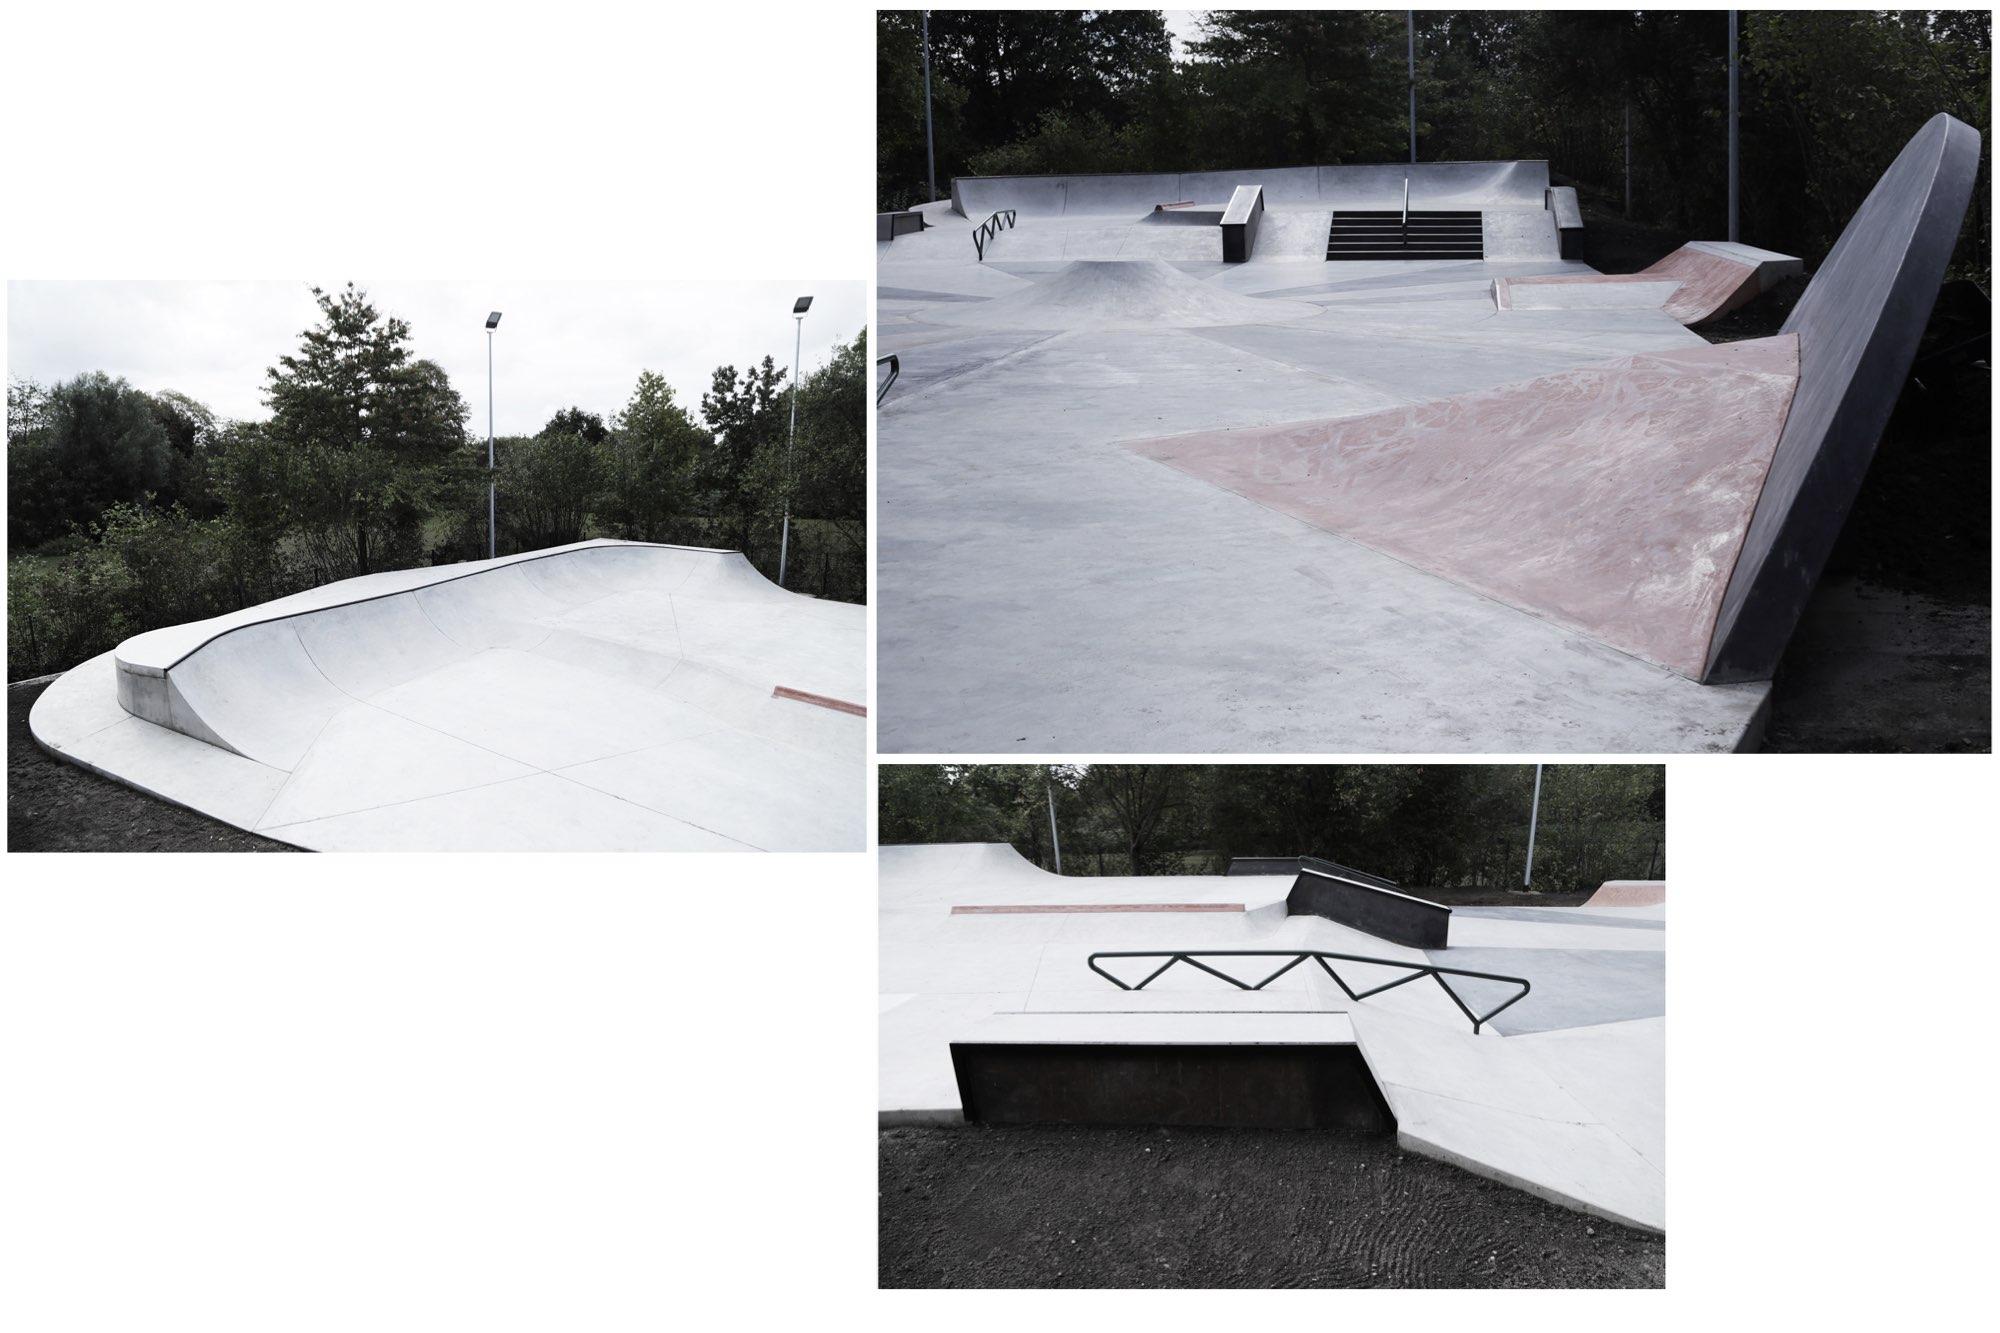 lndskt_skatepark_planung_dinslaken_02